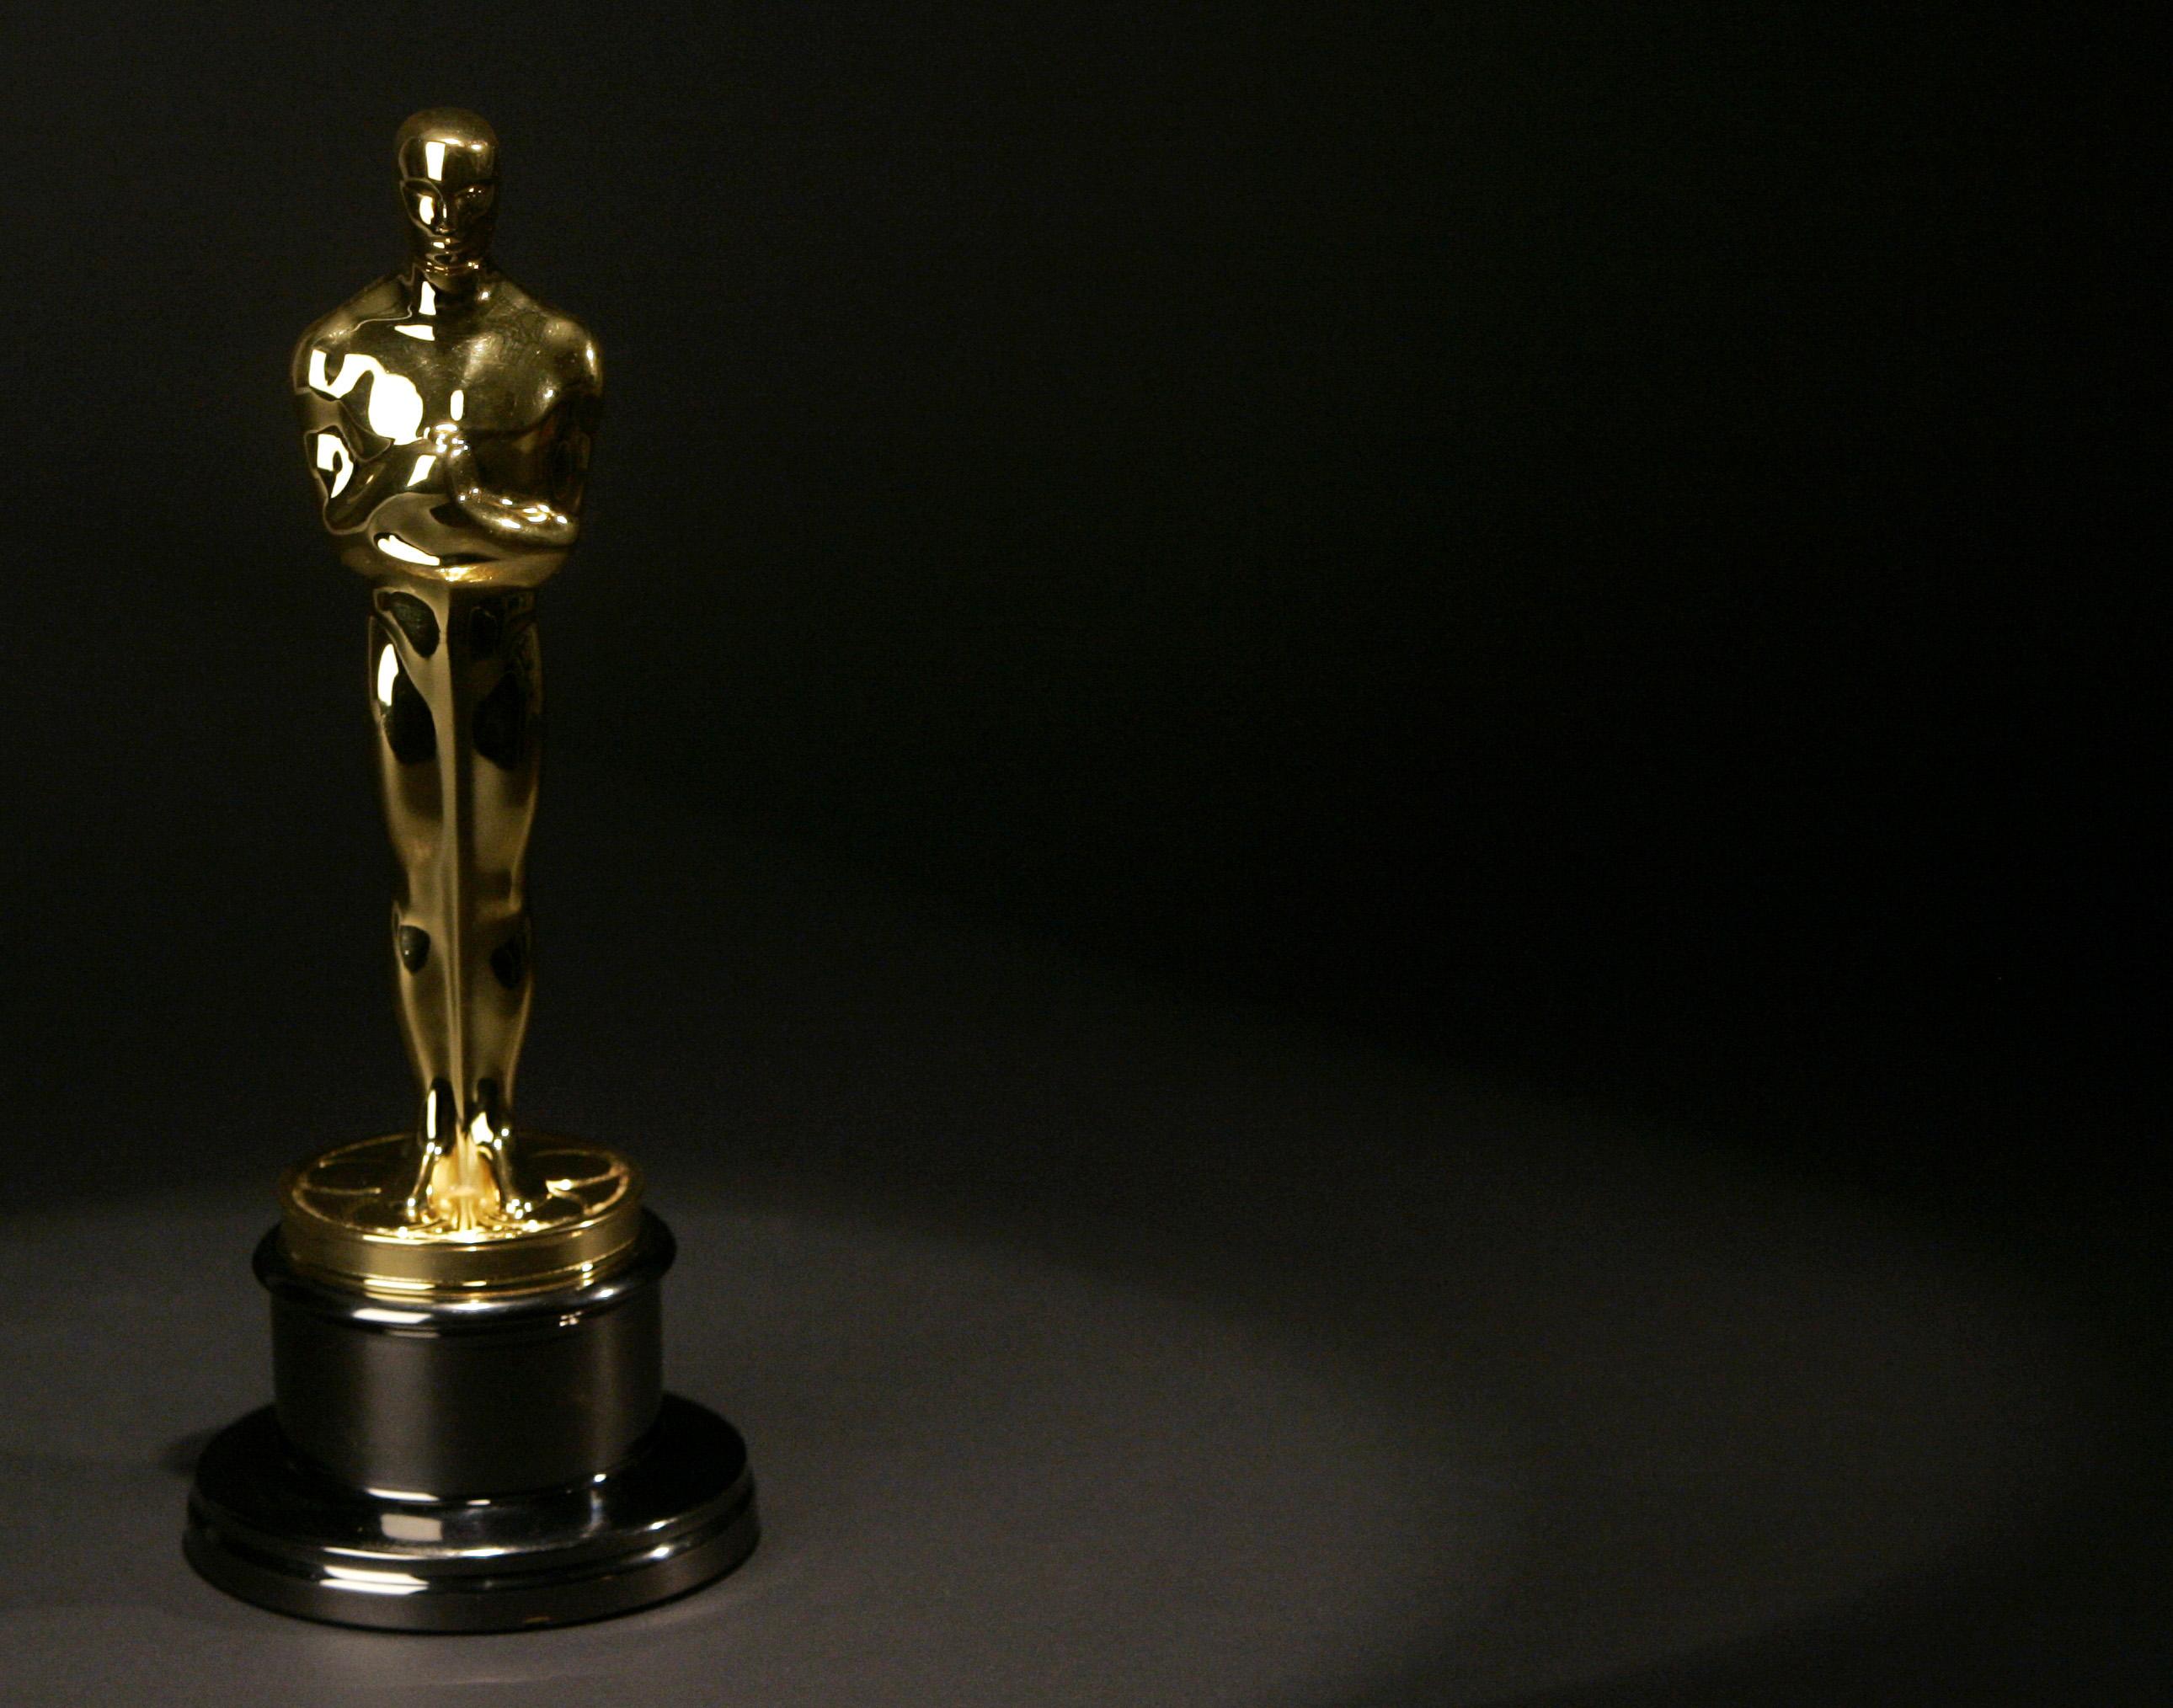 foto oscar nominados premios 23 enero 2019